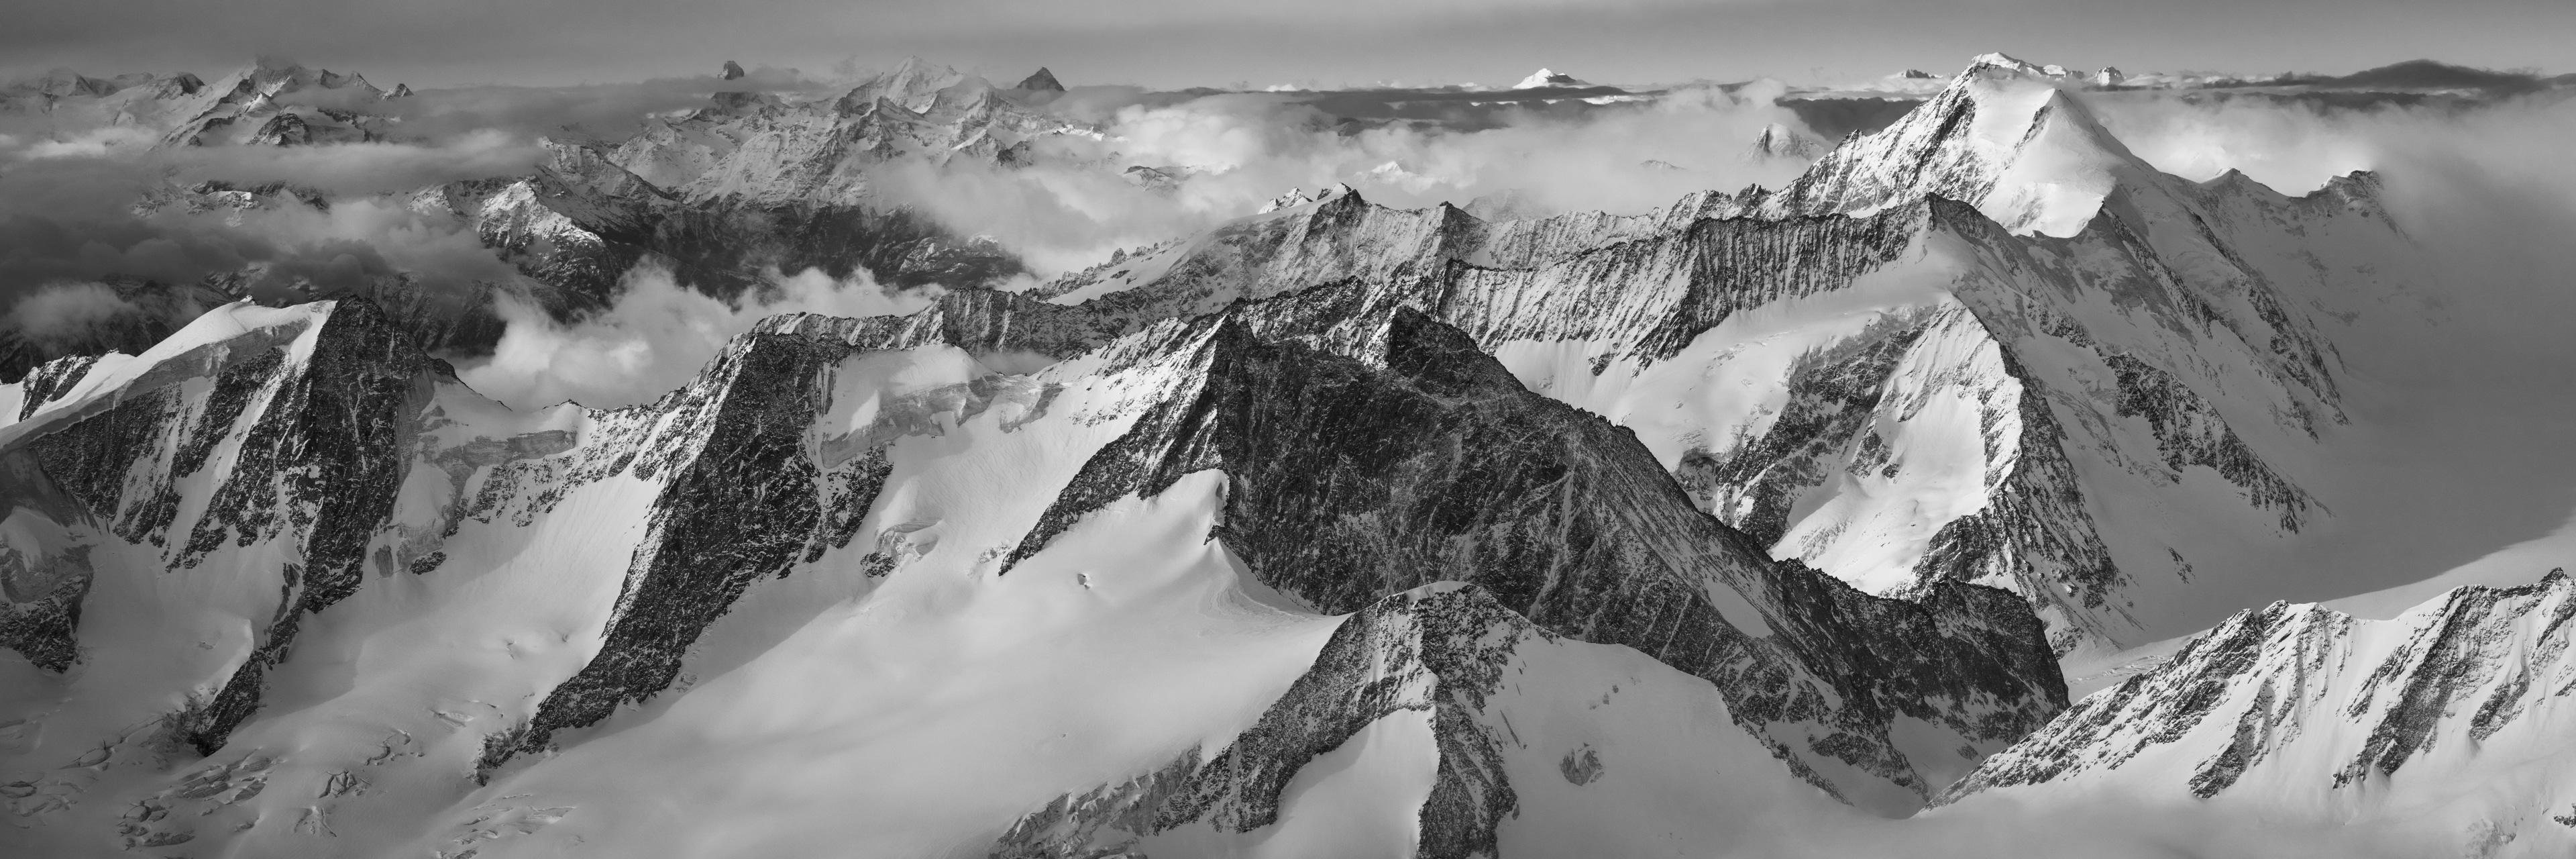 Photo panoramique de neige en montagne sur les sommets des Alpes et le Mont Blanc